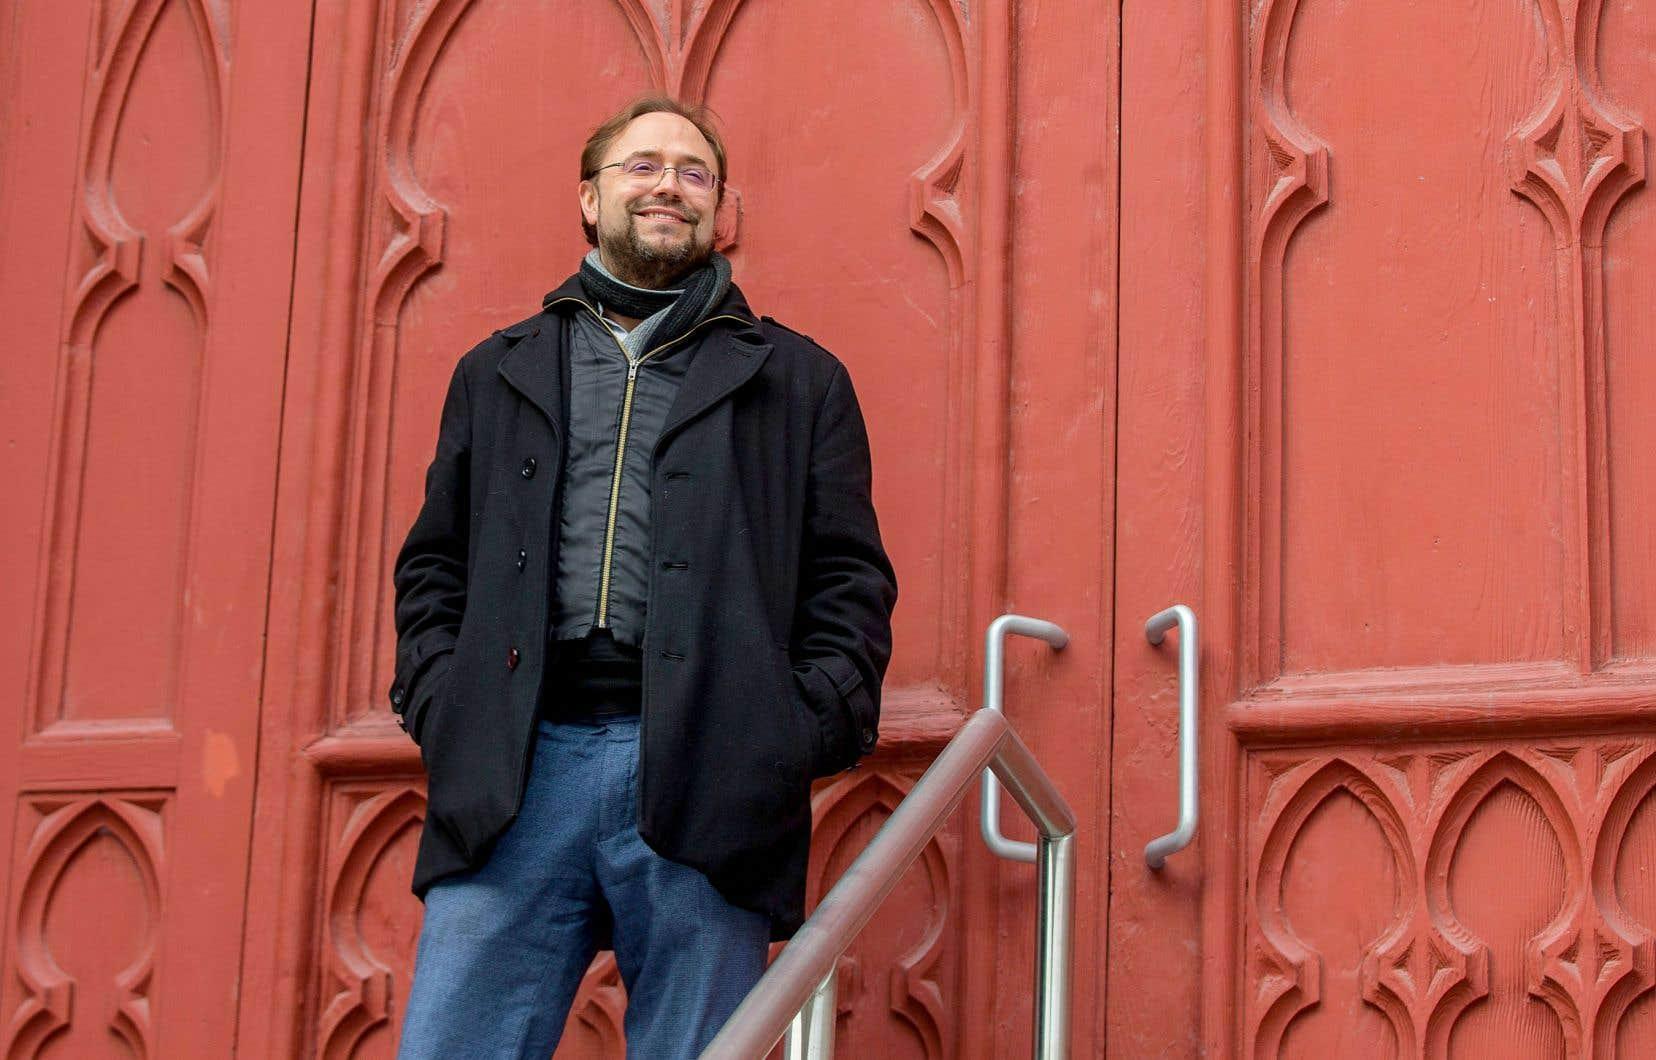 Danick Trottier observe un regain de l'intérêt pour la musique instrumentale au Québec, et cite en exemple Alexandra Stréliski, Chilly Gonzales, Jean-Michel Blais et même Daniel Bélanger.